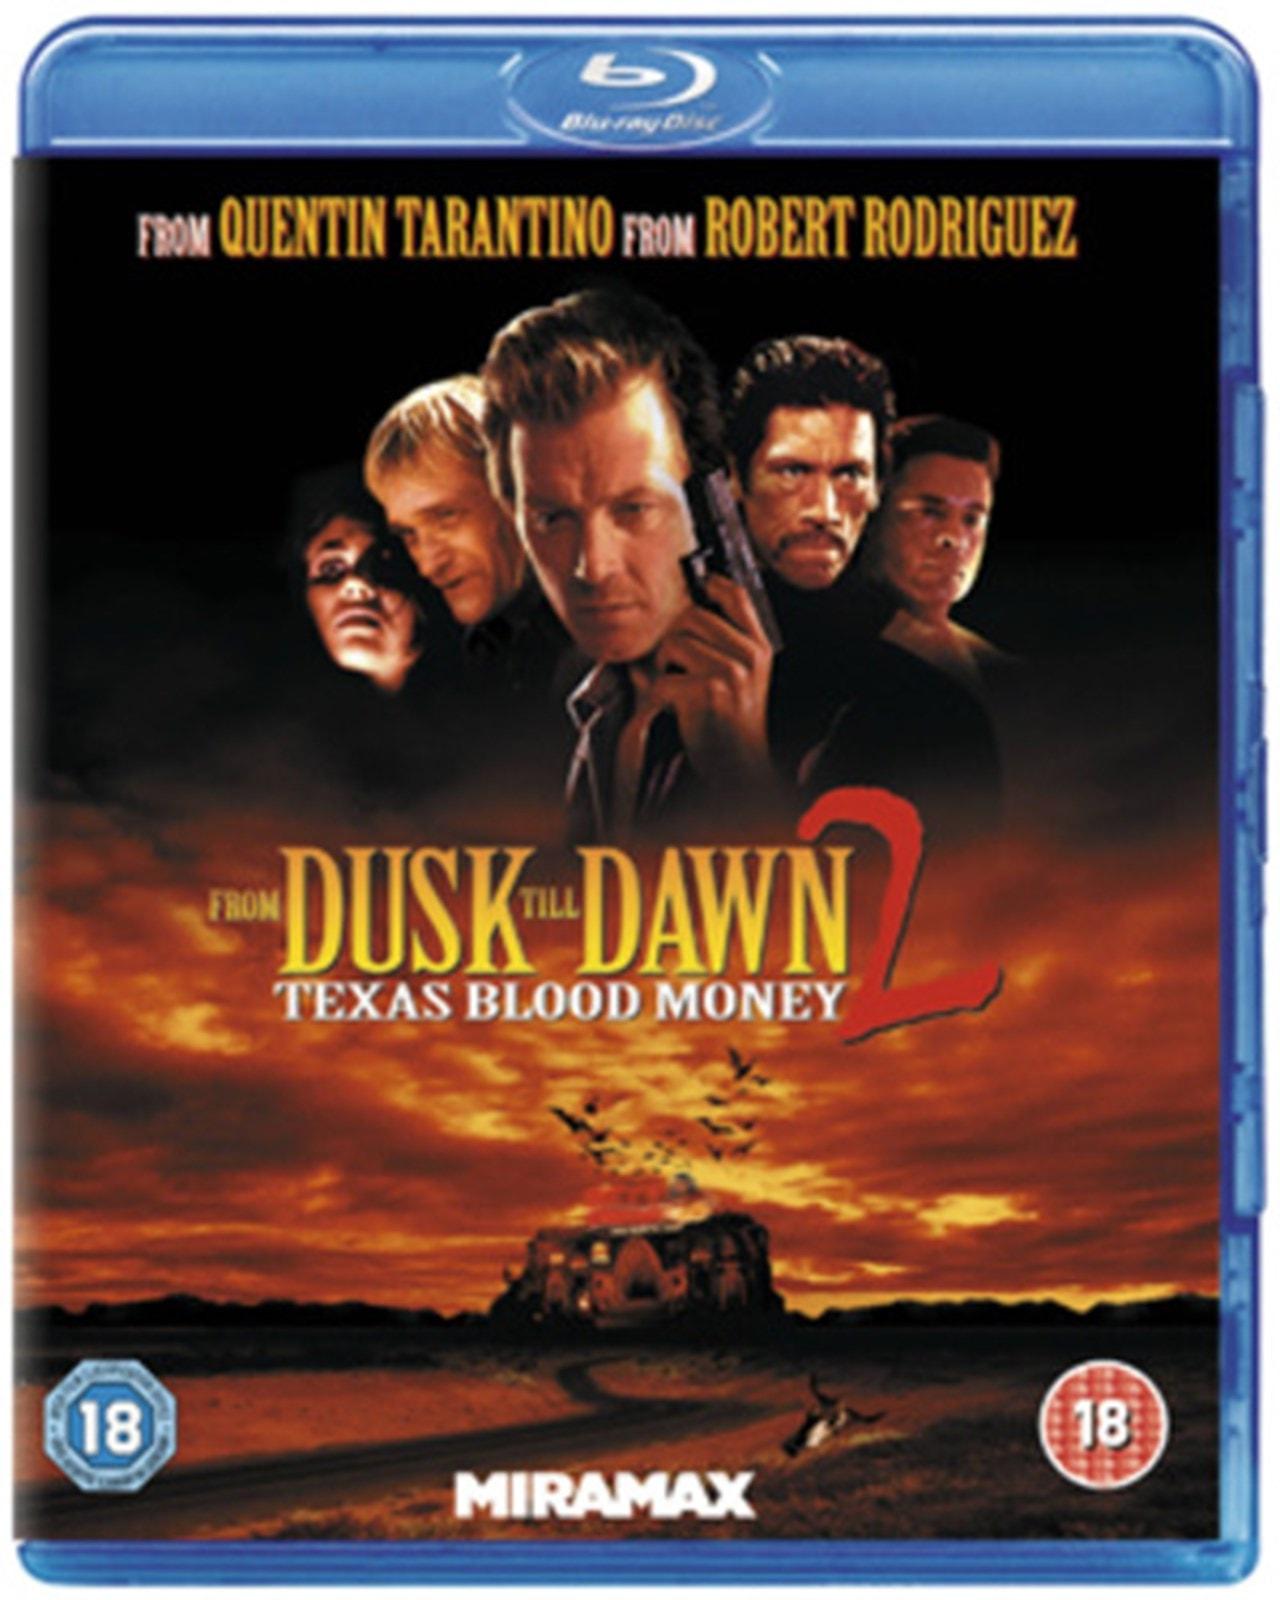 From Dusk Till Dawn 2 - Texas Blood Money - 1